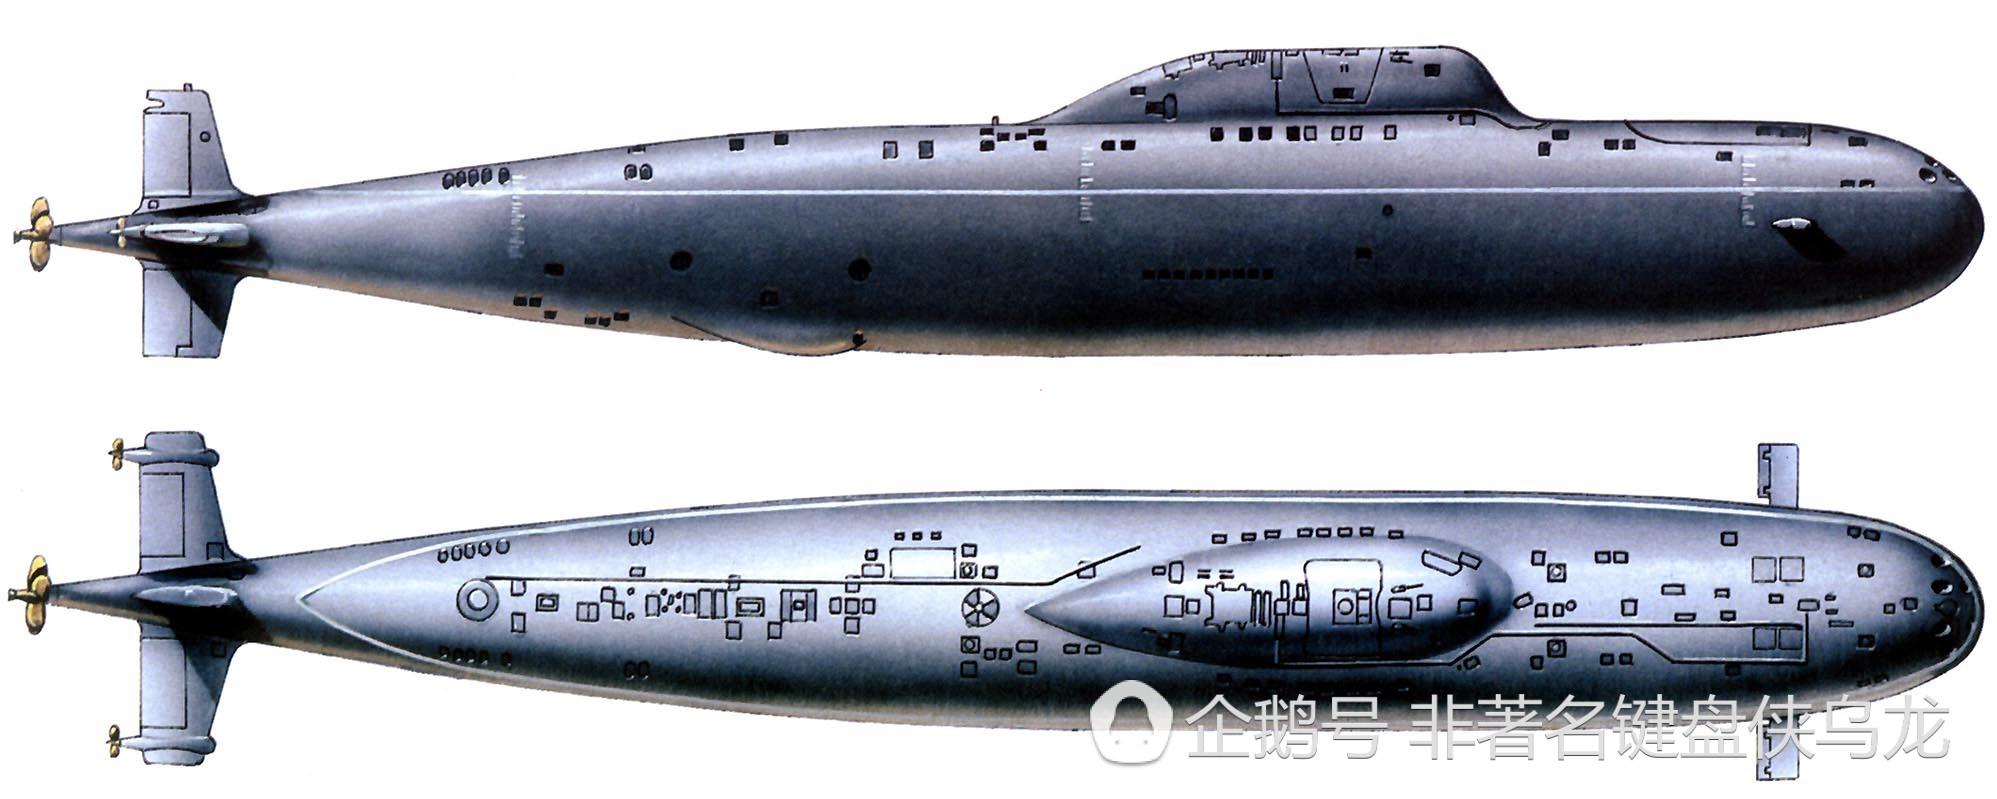 阿爾法級攻擊核潛艇